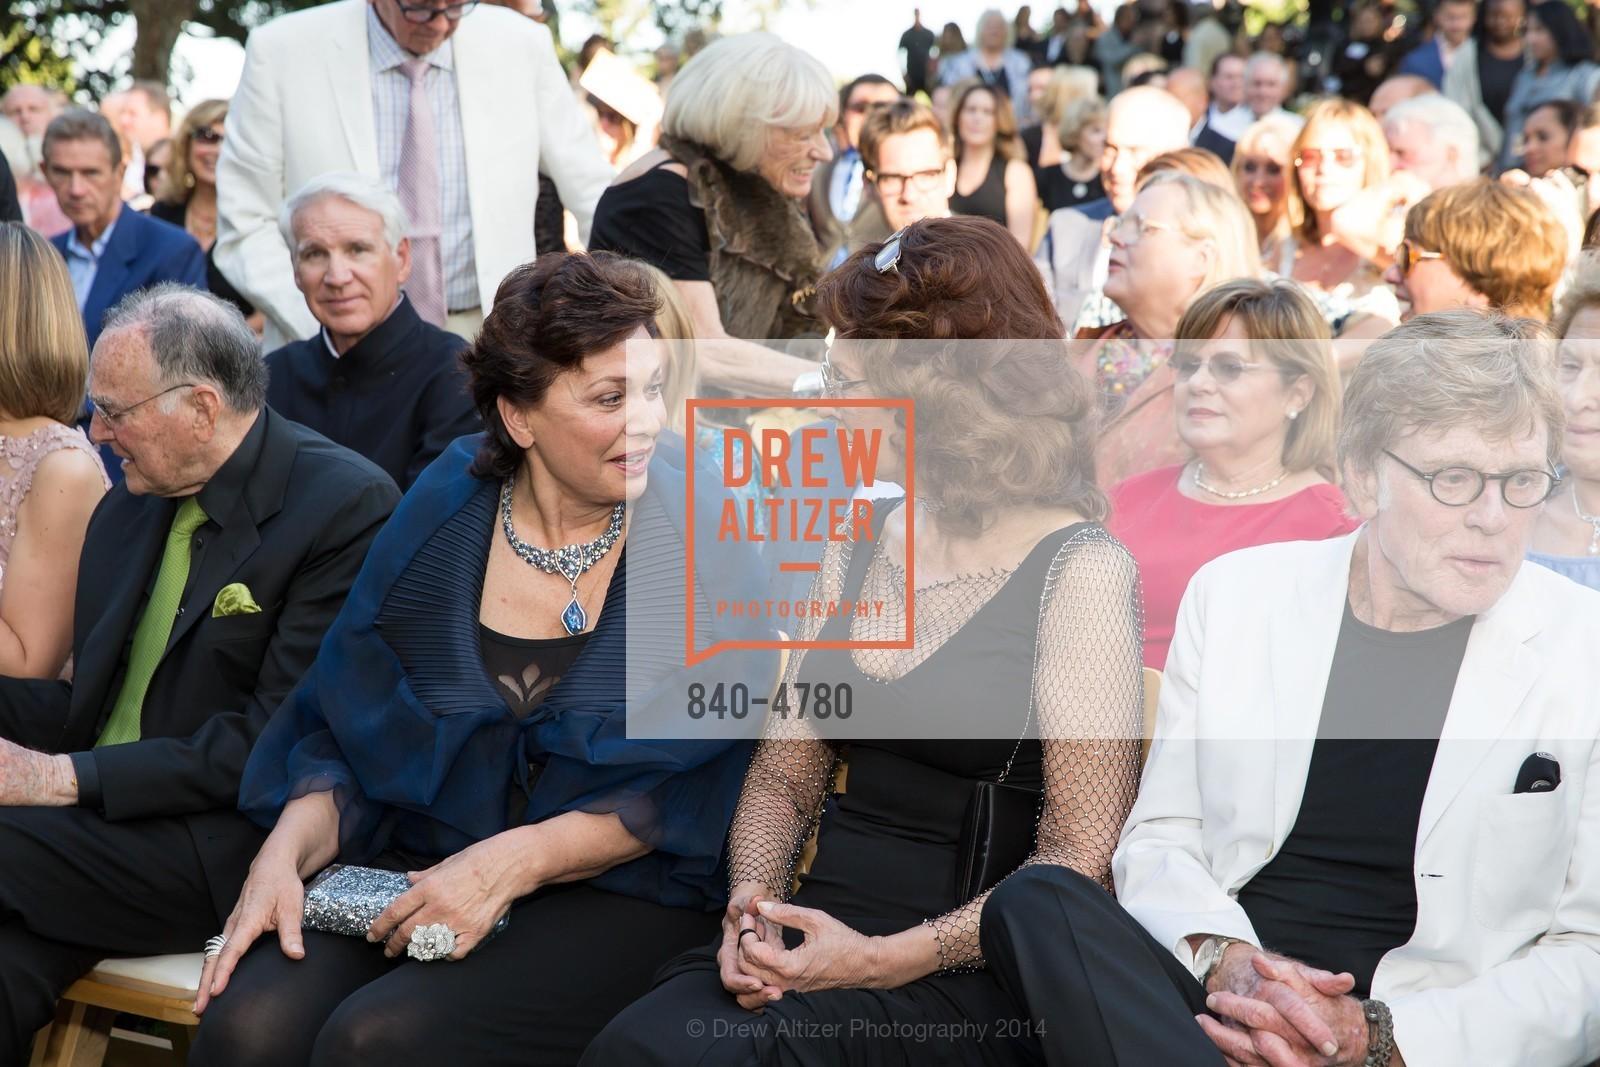 Jan Shrem, Maria Manetti Shrem, Sophia Loren, Robert Redford, Photo #840-4780